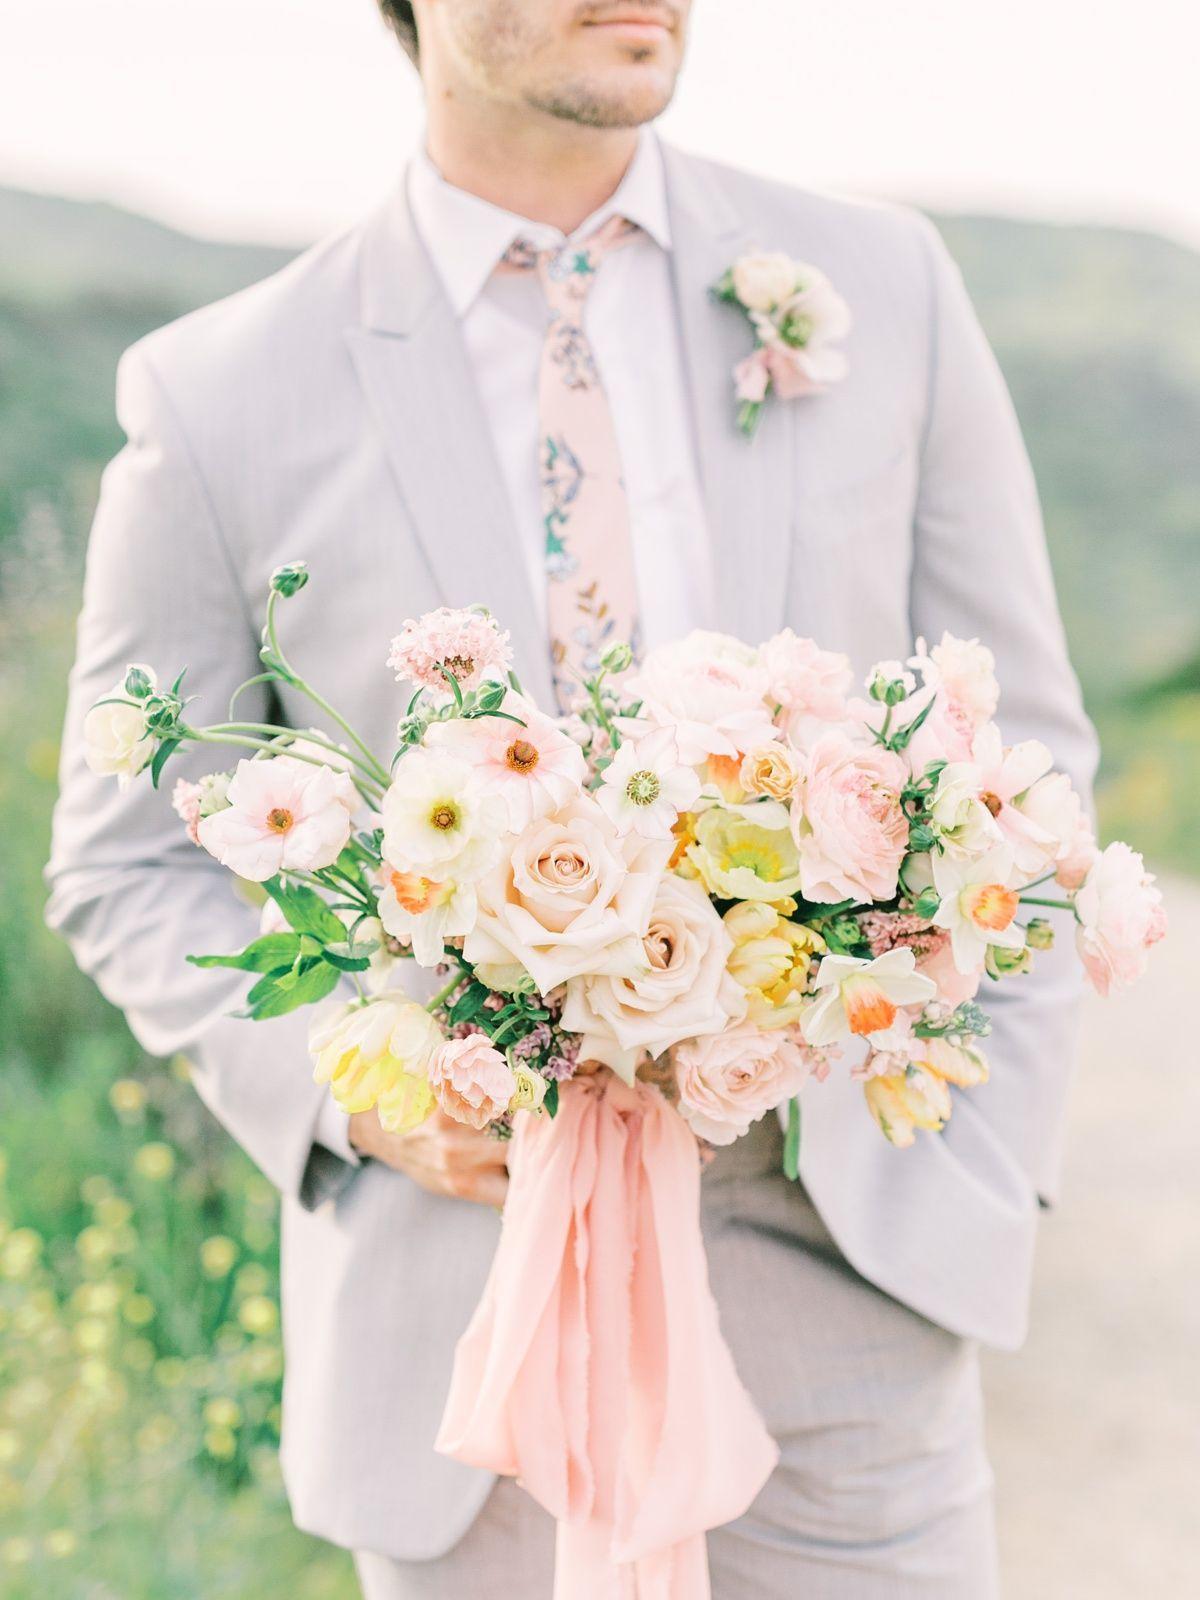 Summer Wedding Color Palette Inspiration In San Diego - Mandy Ford Summer Wedding Color Palette Ins